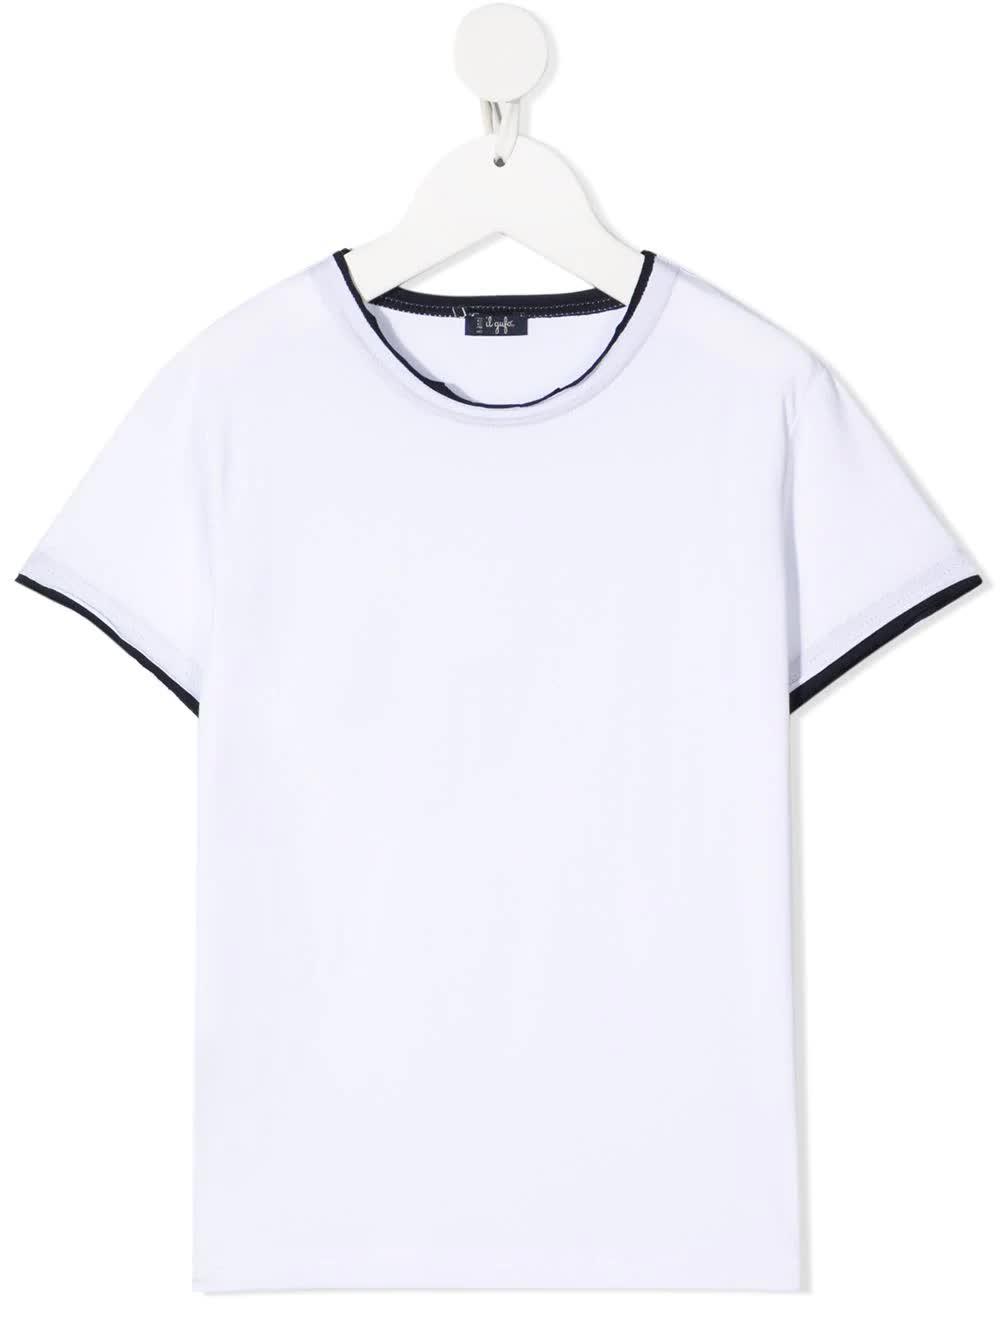 Contrast-trim T-shirt